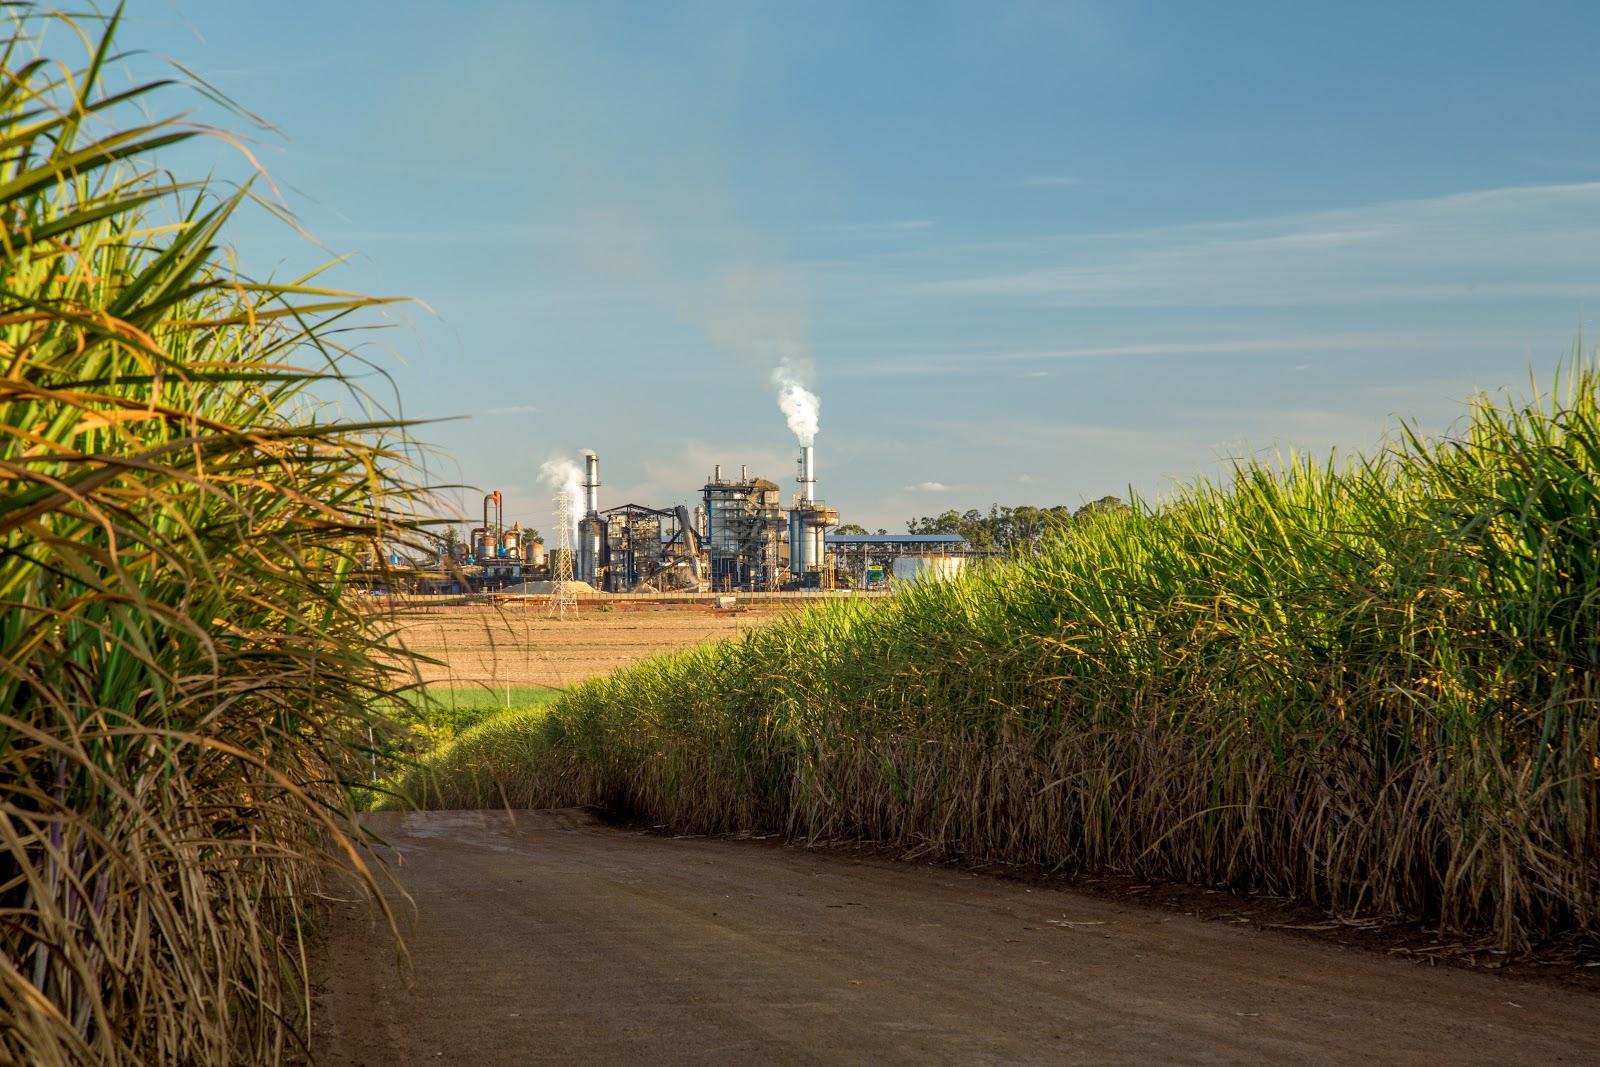 Safra 20/21 de cana-de-açúcar global pode ser atingida por problemas climáticos no continente europeu, o que favorece o agronegócio brasileiro. (Fonte: Shutterstock)